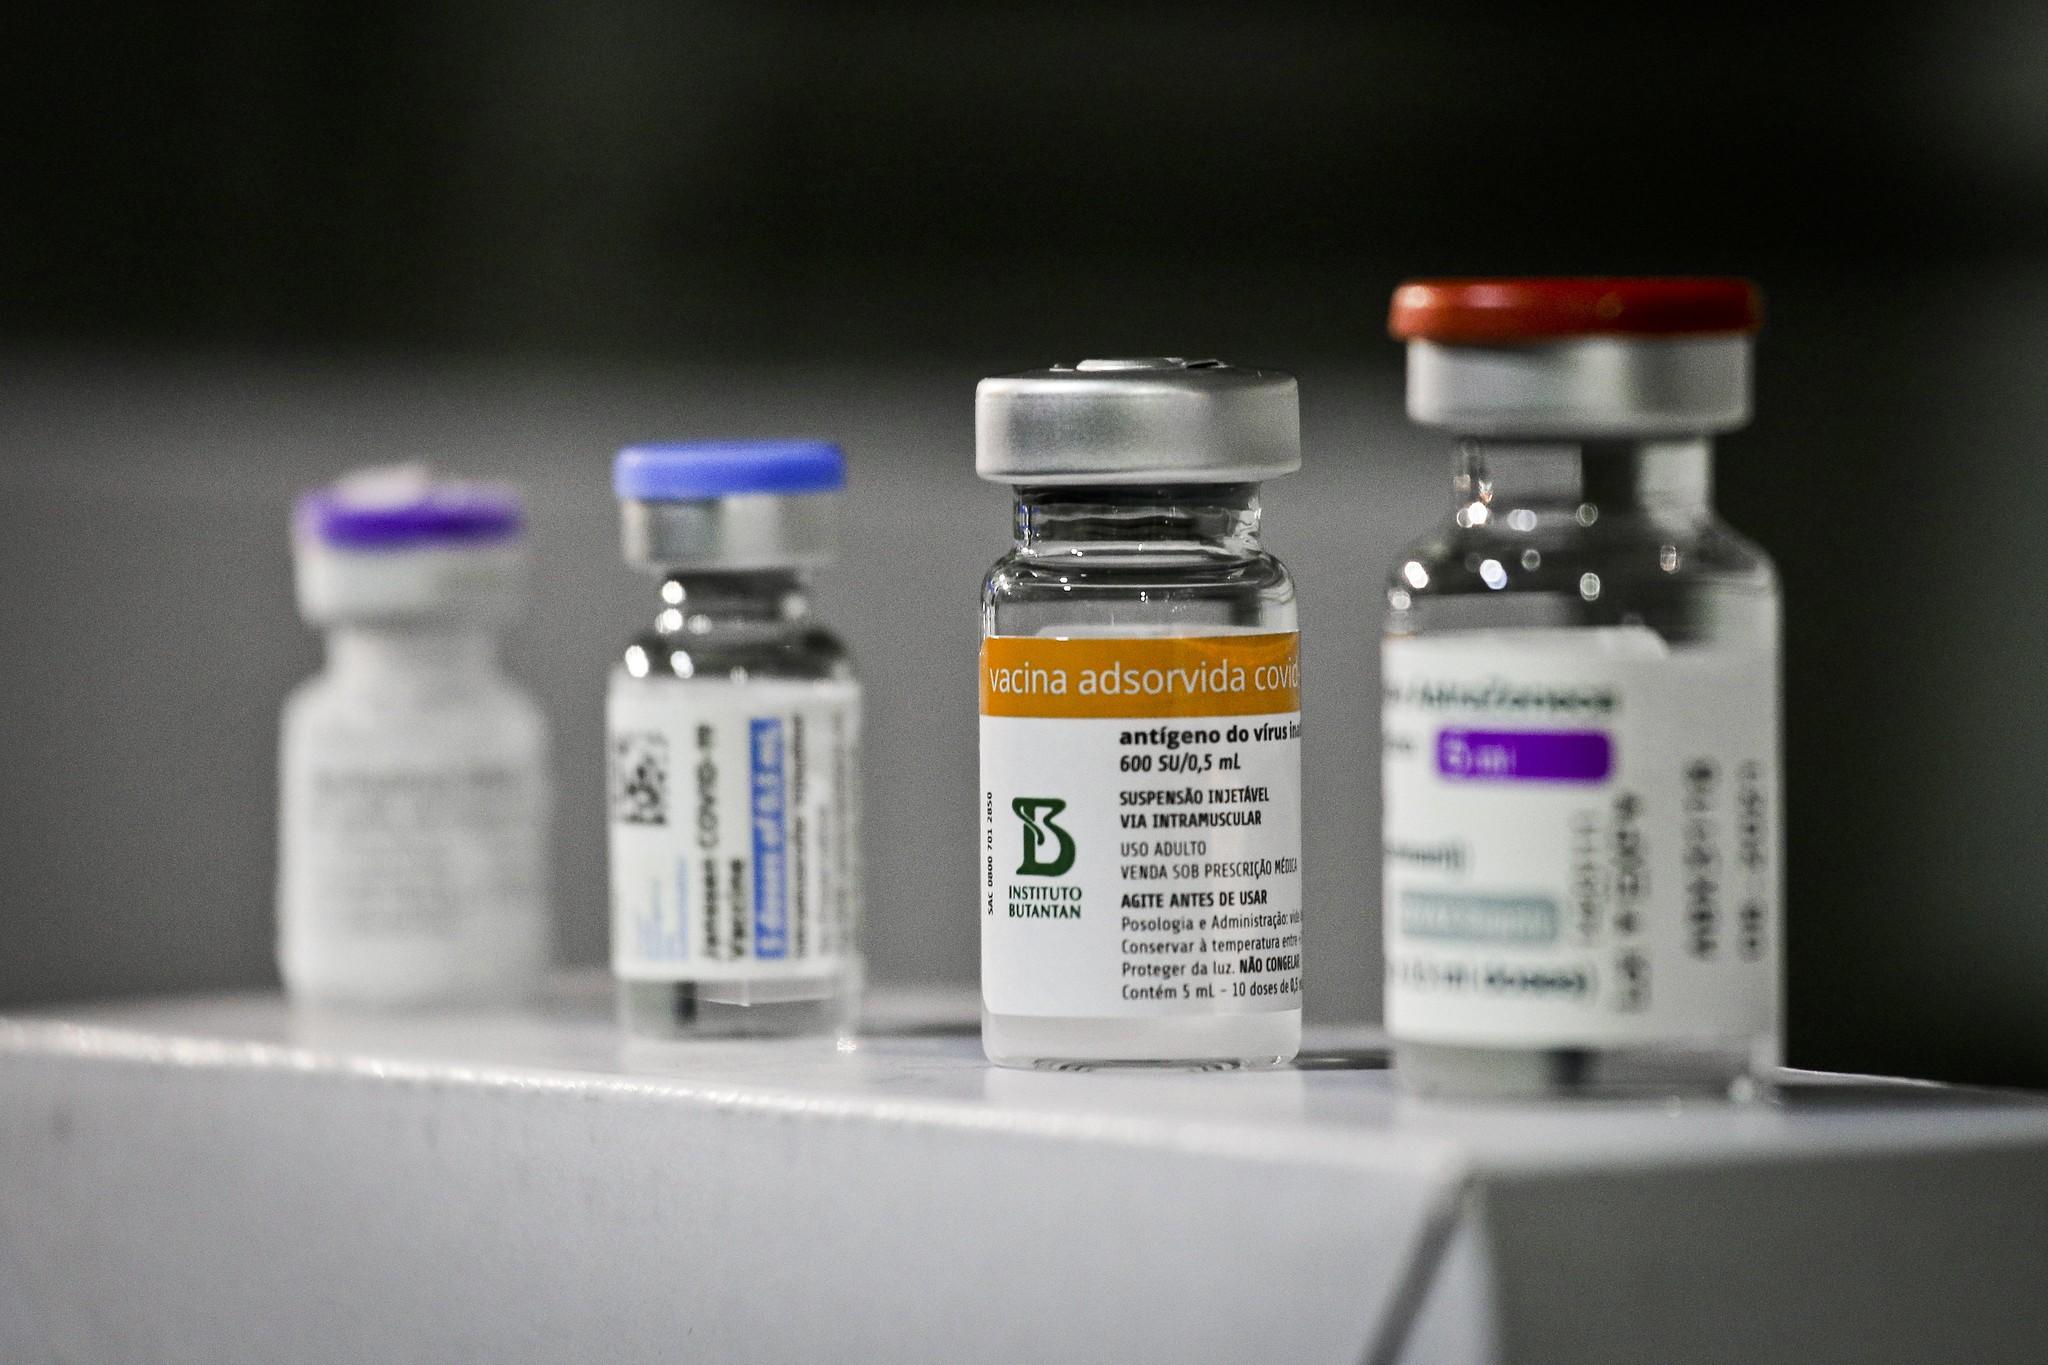 Sul de MG chega a 44% da população vacinada com a 1ª dose da vacina contra a Covid-19